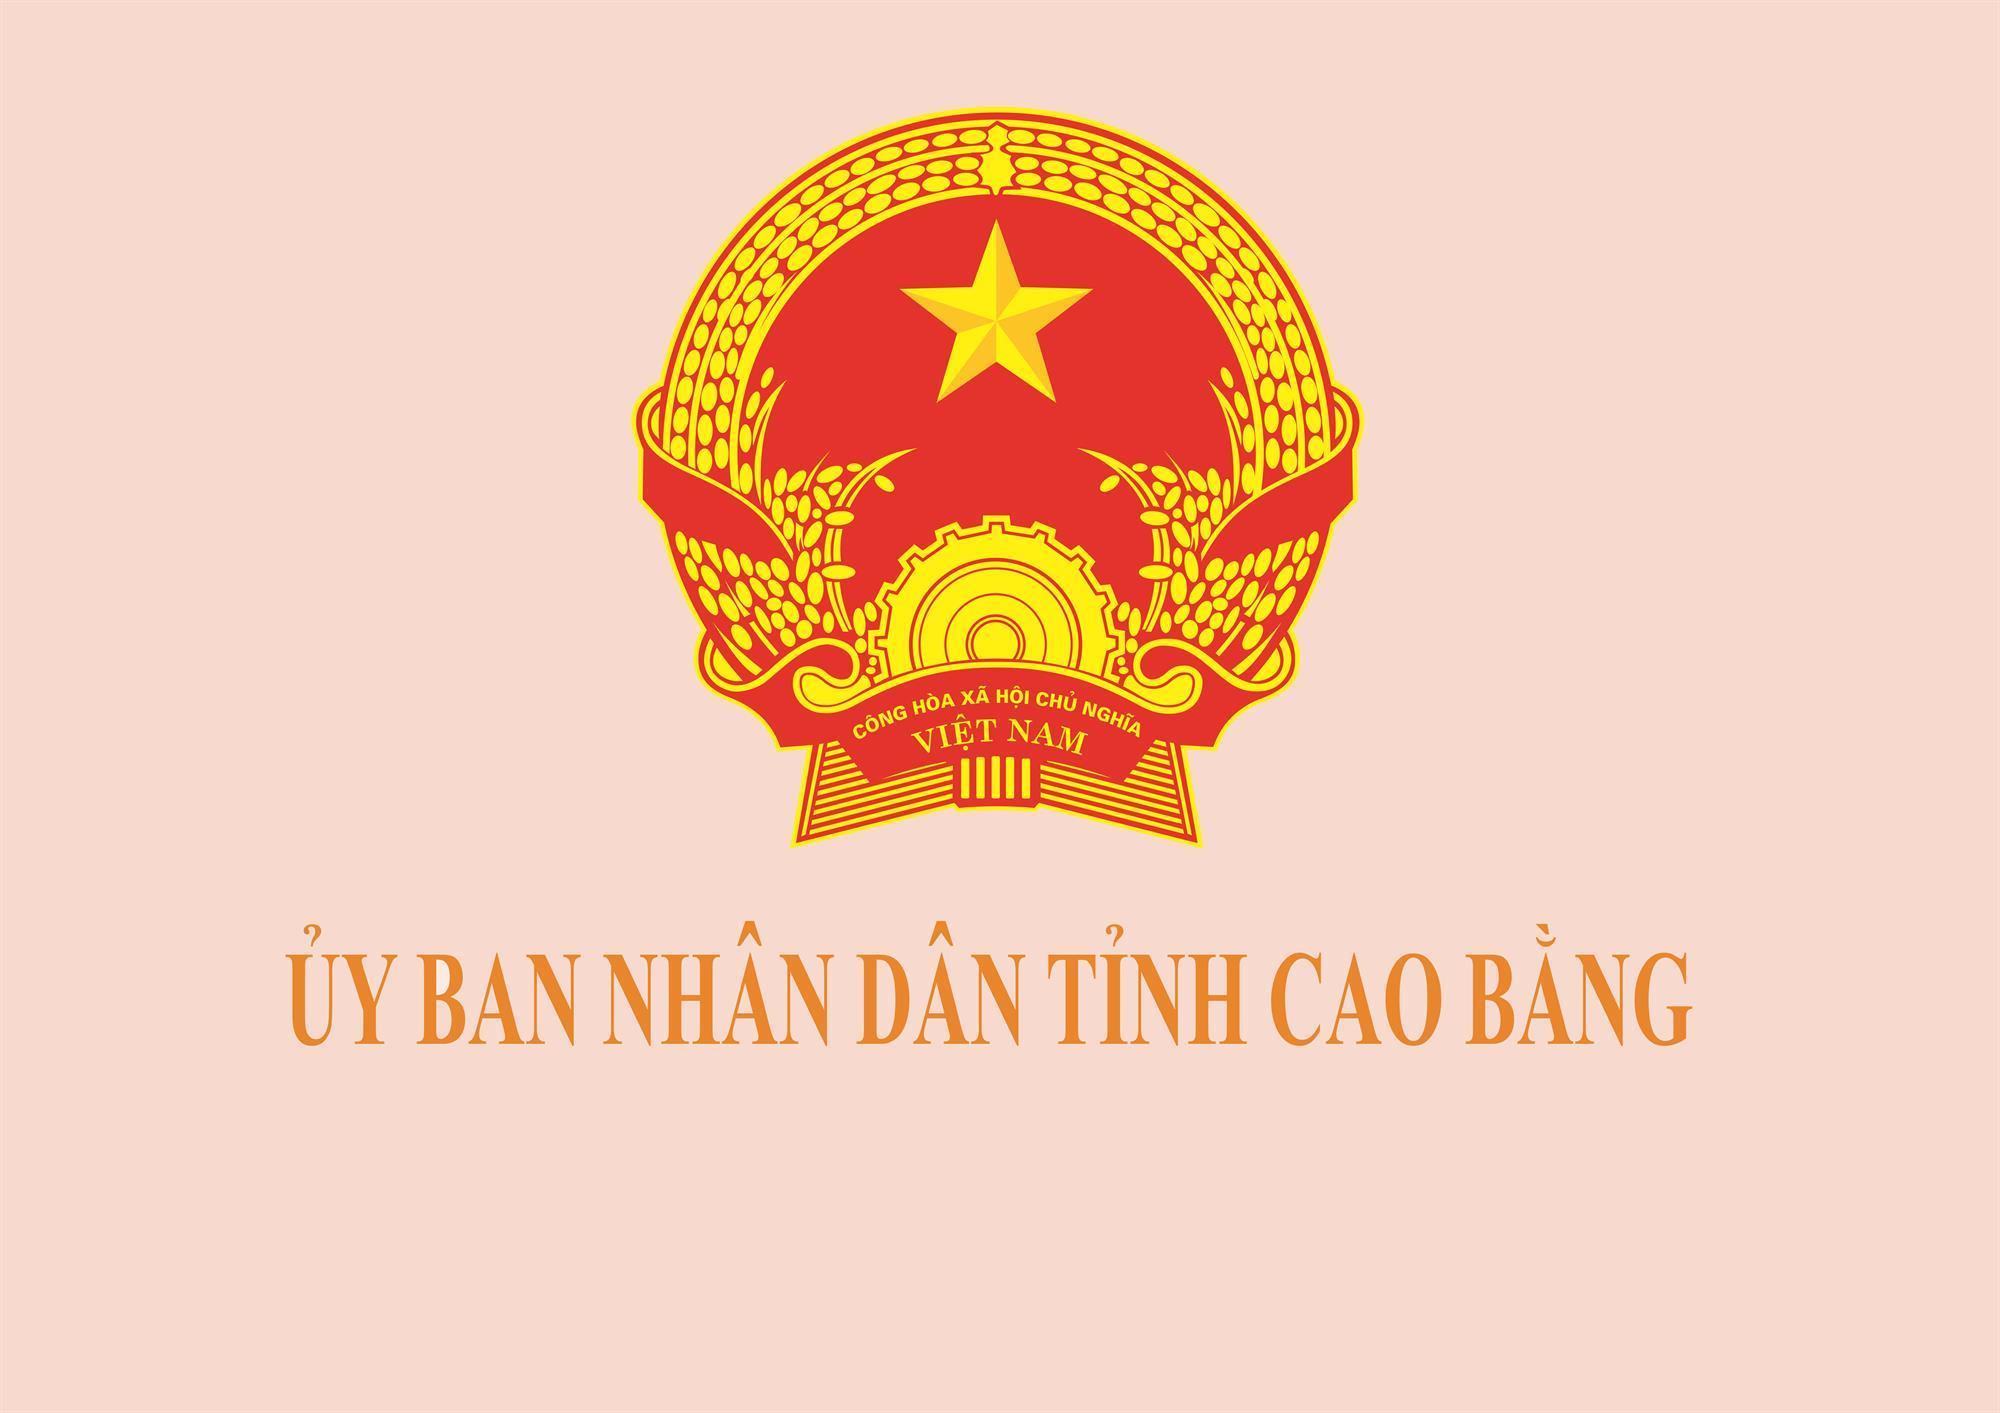 UBND tỉnh Cao Bằng chỉ đạo cấm các phương tiện bay không người lái